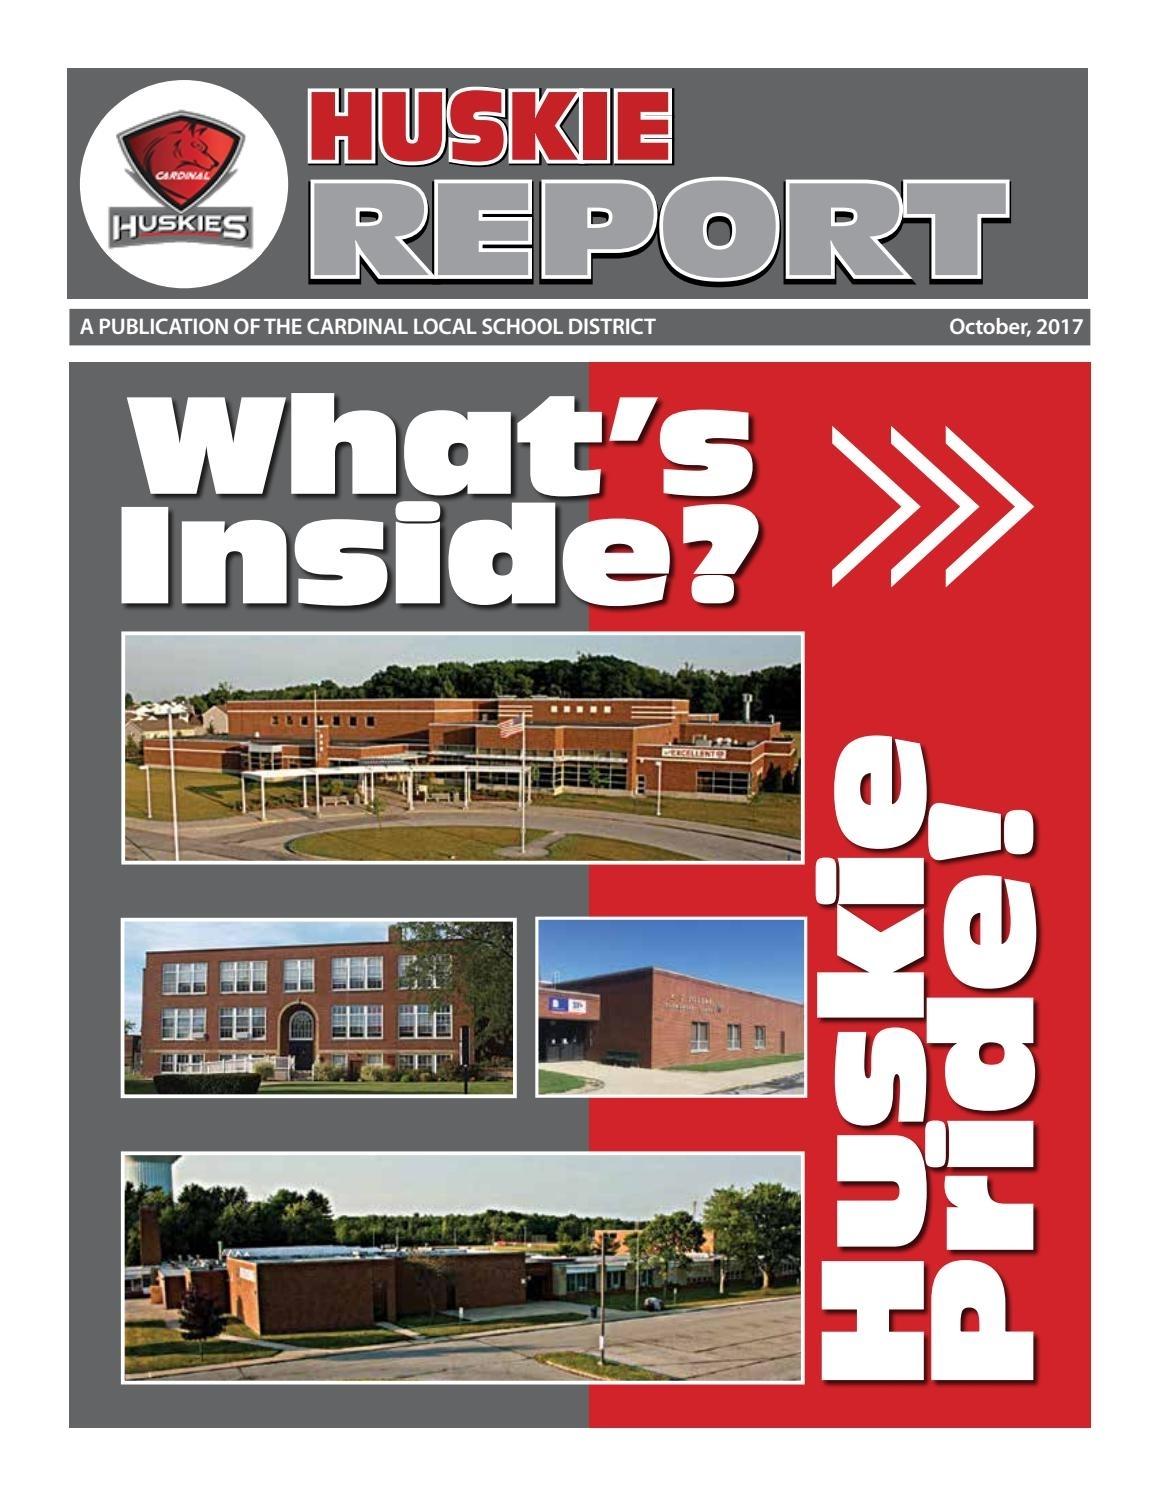 Huskie Report Oct 2017 By Scott Jones - Issuu Remarkable West Geauga School Calendar 2017